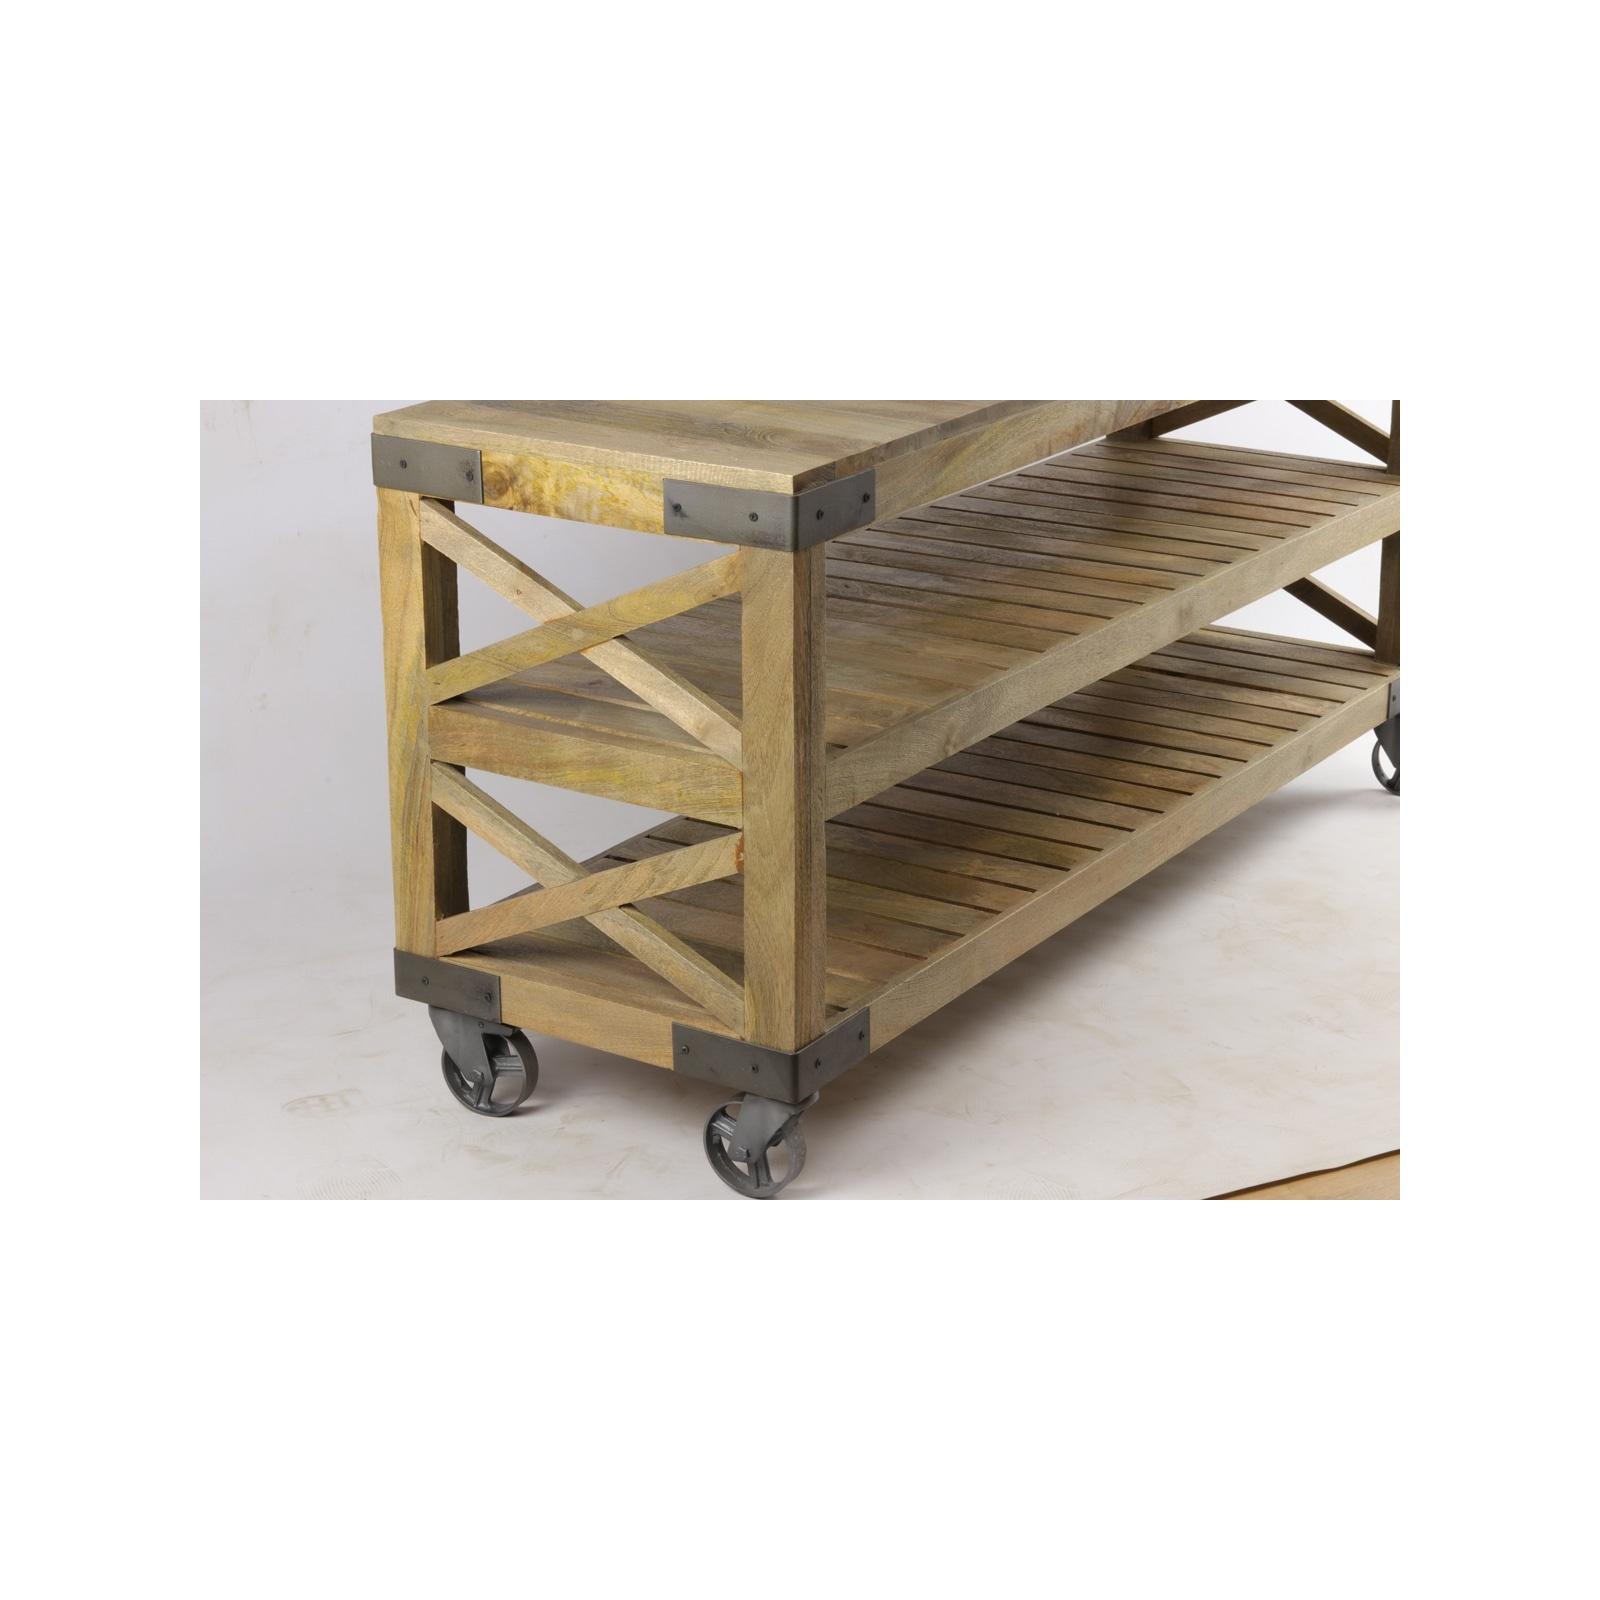 grande consol en bois sur roulette jp2b d coration. Black Bedroom Furniture Sets. Home Design Ideas